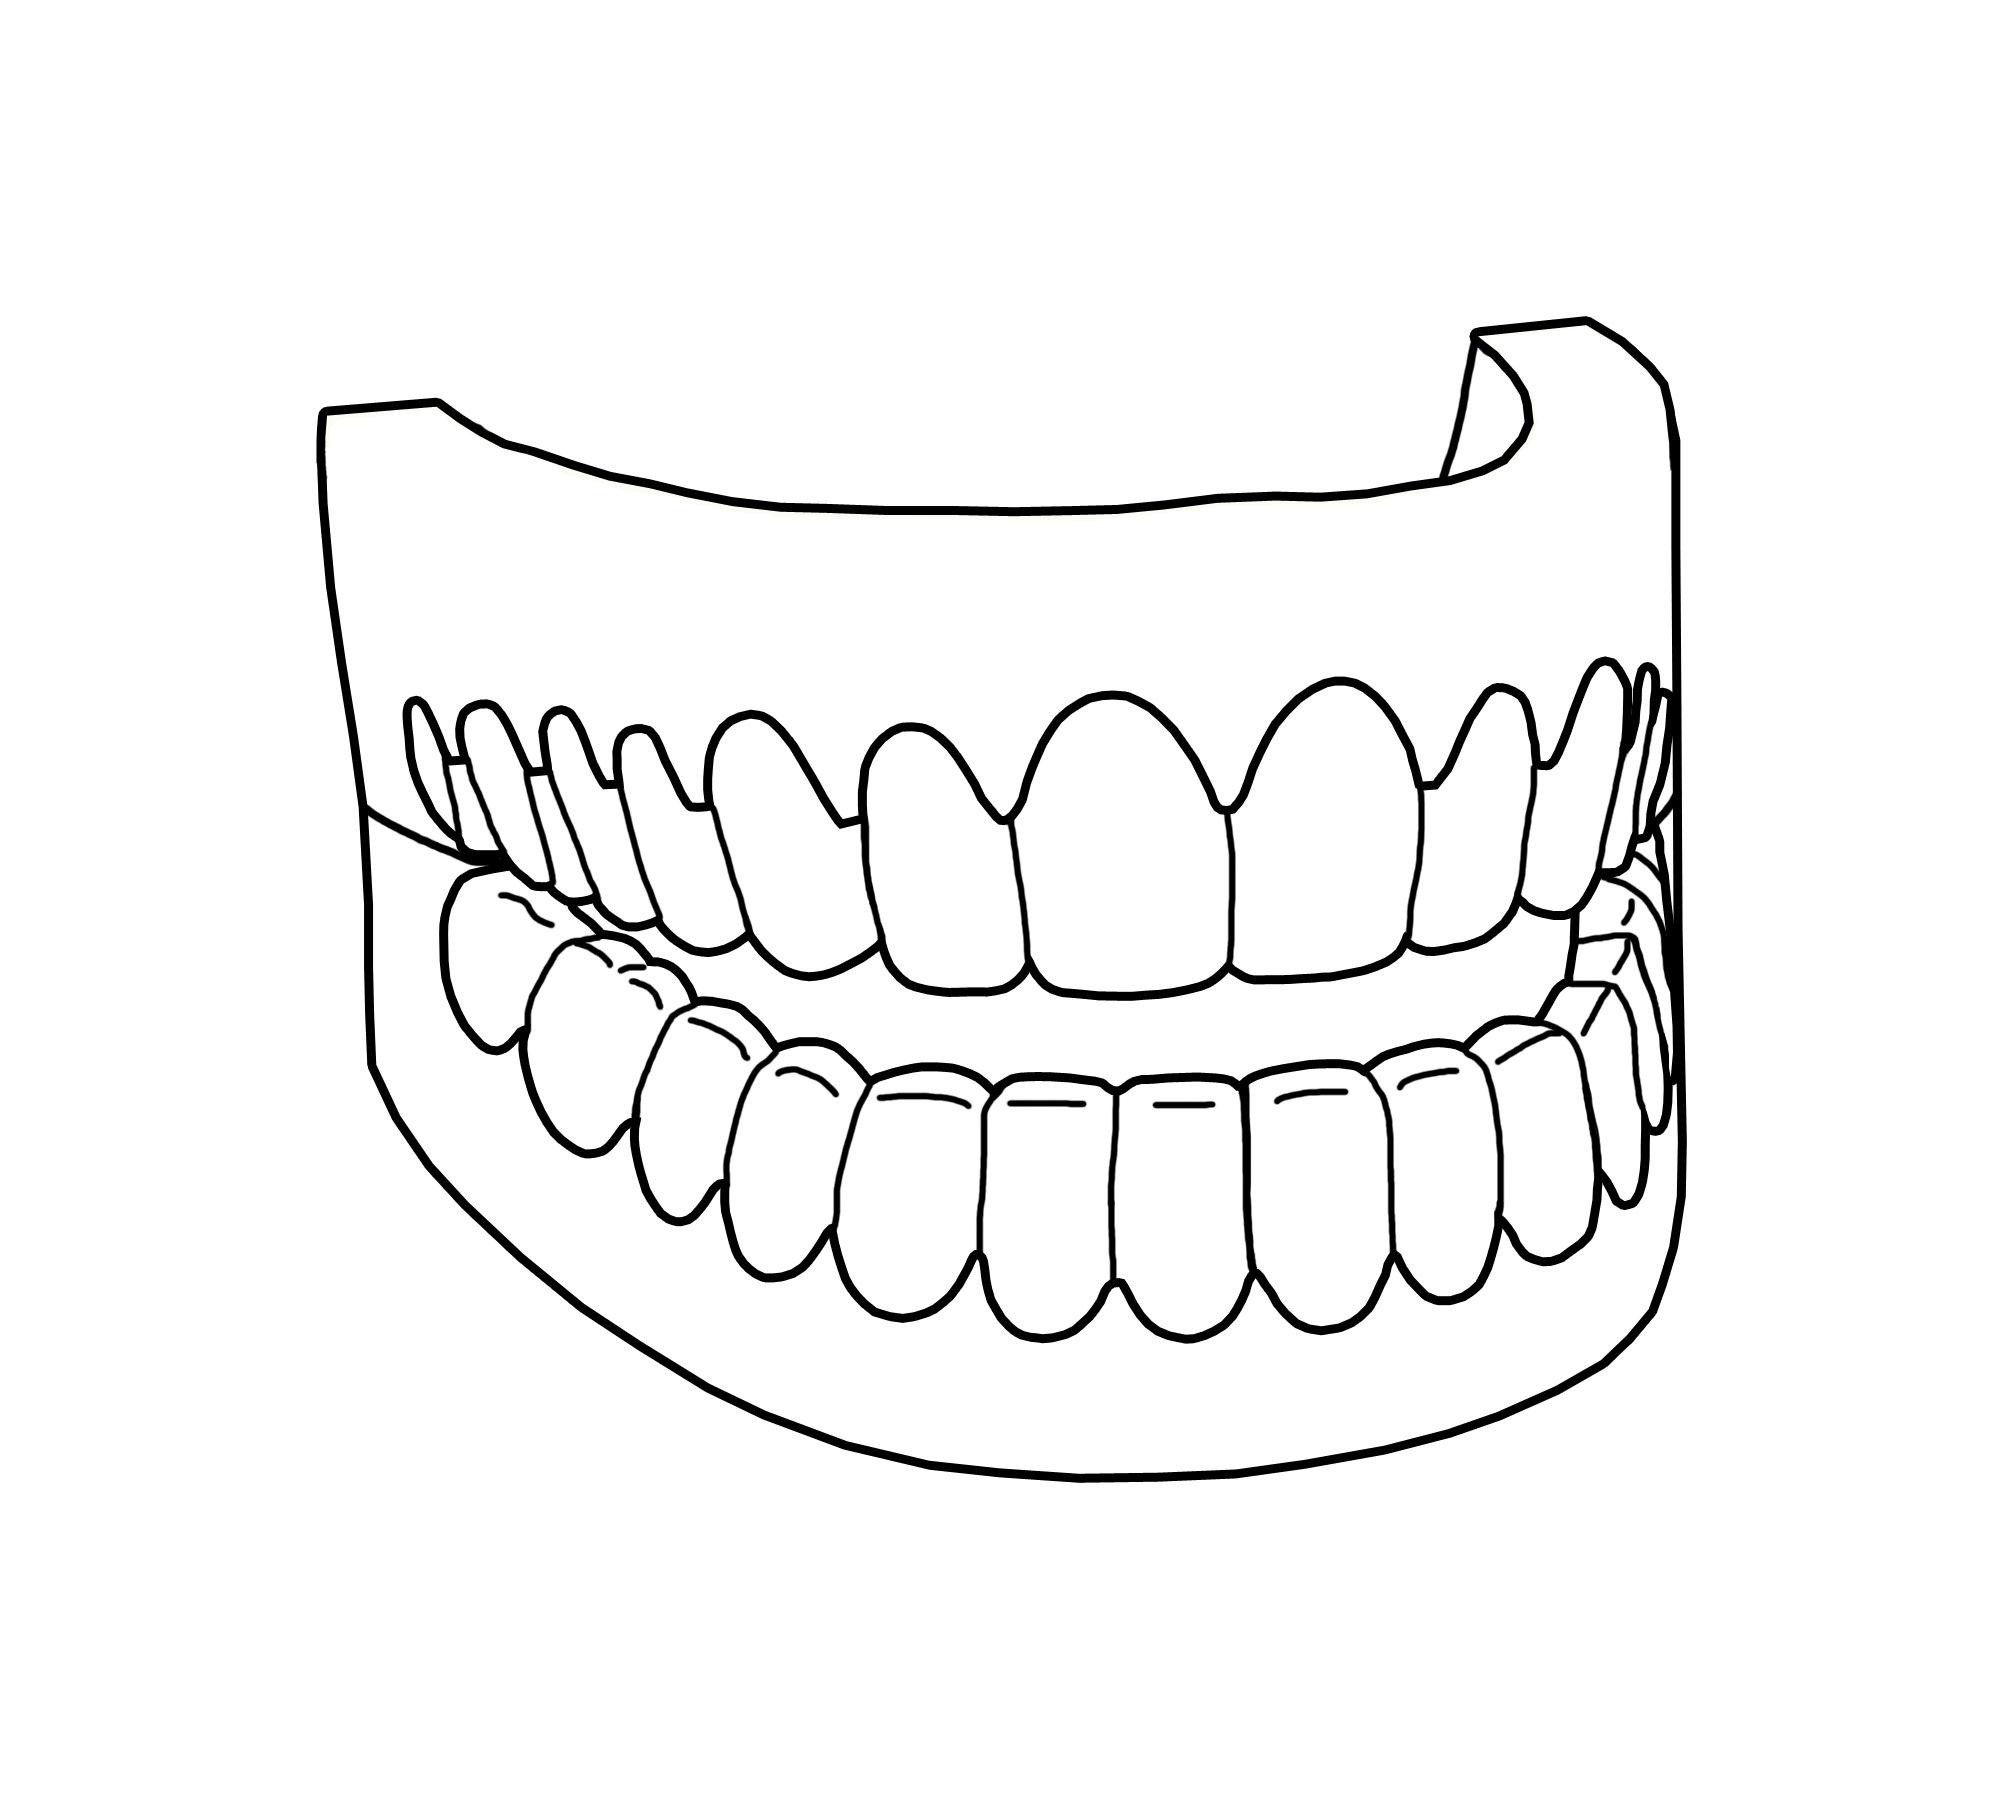 39 Zahn Bilder Zum Ausdrucken - Besten Bilder von ausmalbilder